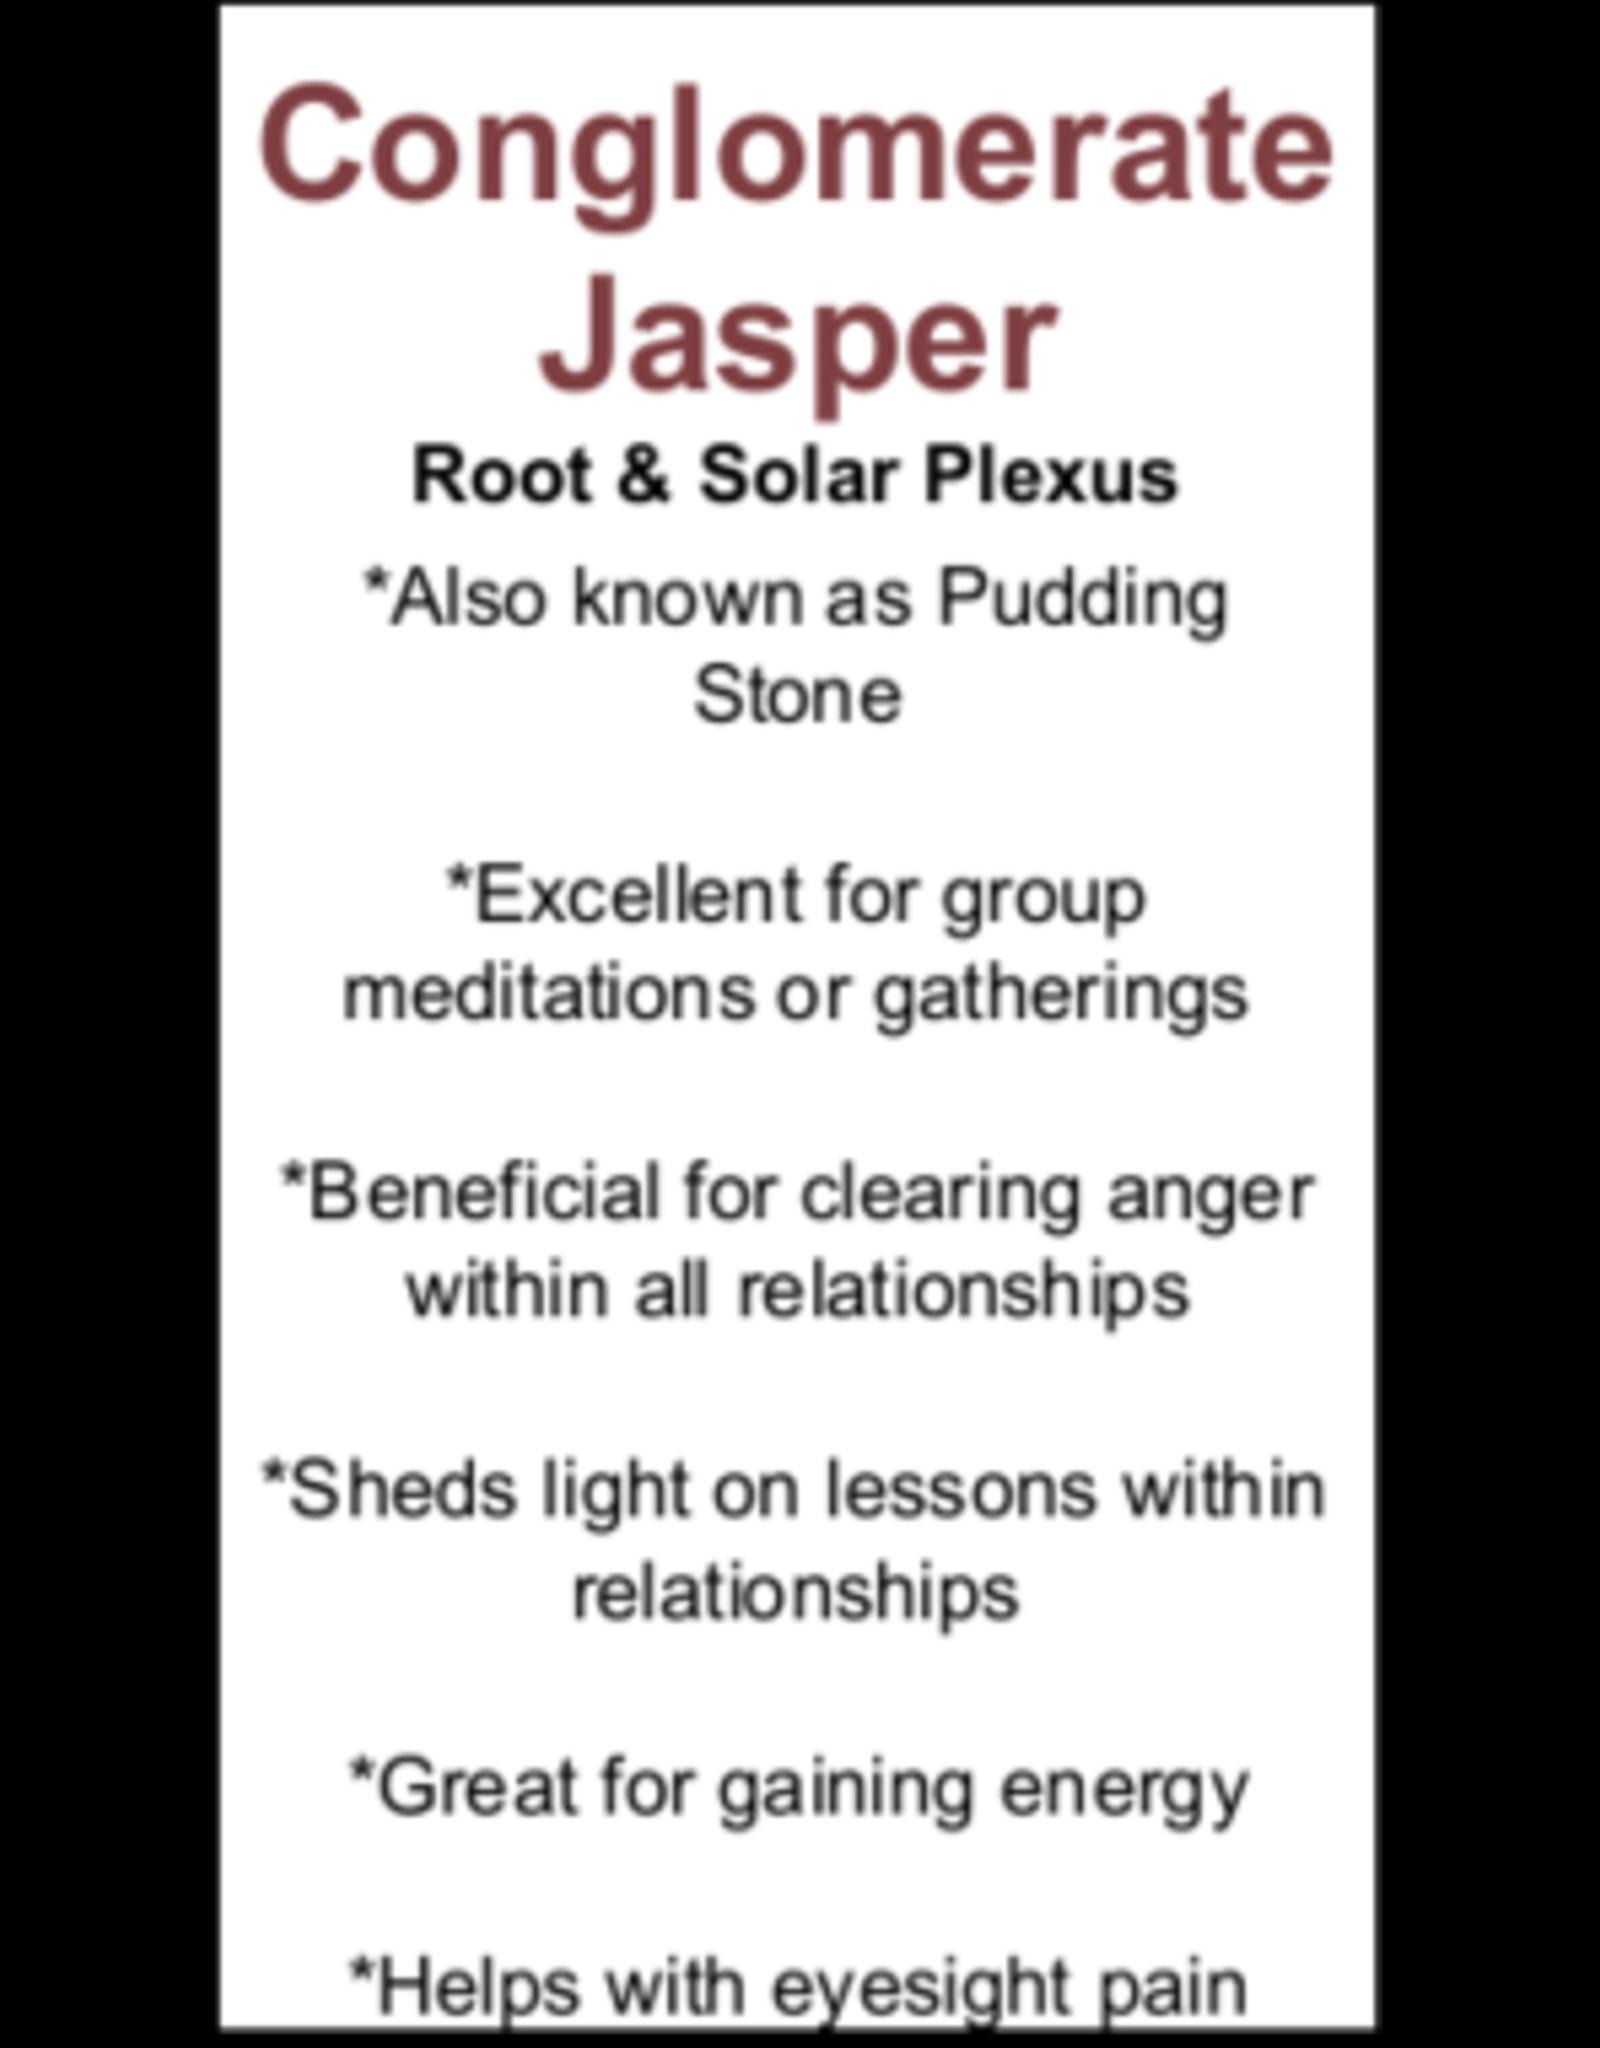 Conglomerate Jasper - Card